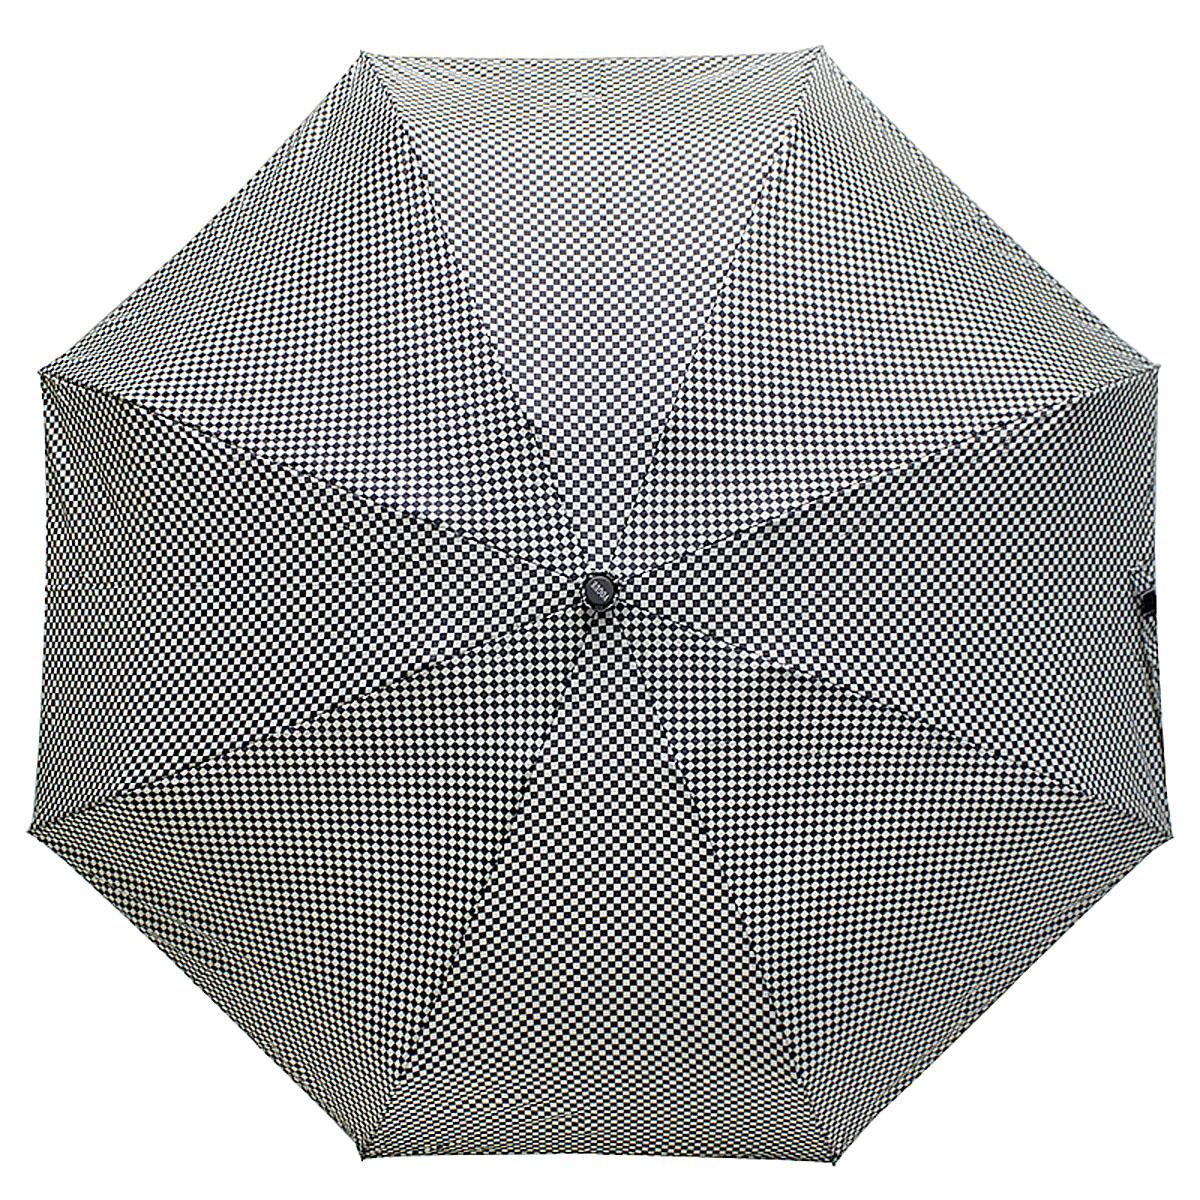 Зонт женский Vogue, цвет: черный, белый. 345V-2345V-2Стильный механический зонт испанского производителя Vogue оснащен каркасом с противоветровым эффектом. Каркас зонта включает 8 спиц. Стержень изготовлен из стали, купол выполнен из прочного полиэстера. Зонт является механическим: купол открывается и закрывается вручную до характерного щелчка. Такой зонт не только надежно защитит вас от дождя, но и станет стильным аксессуаром, который идеально подчеркнет ваш неповторимый образ. Рекомендации по использованию: Мокрый зонт нельзя оставлять сложенным. Зонт после использования рекомендуется сушить в полураскрытом виде вдали от нагревательных приборов. Чистить зонт рекомендуется губкой, используя мягкие нещелочные растворы.